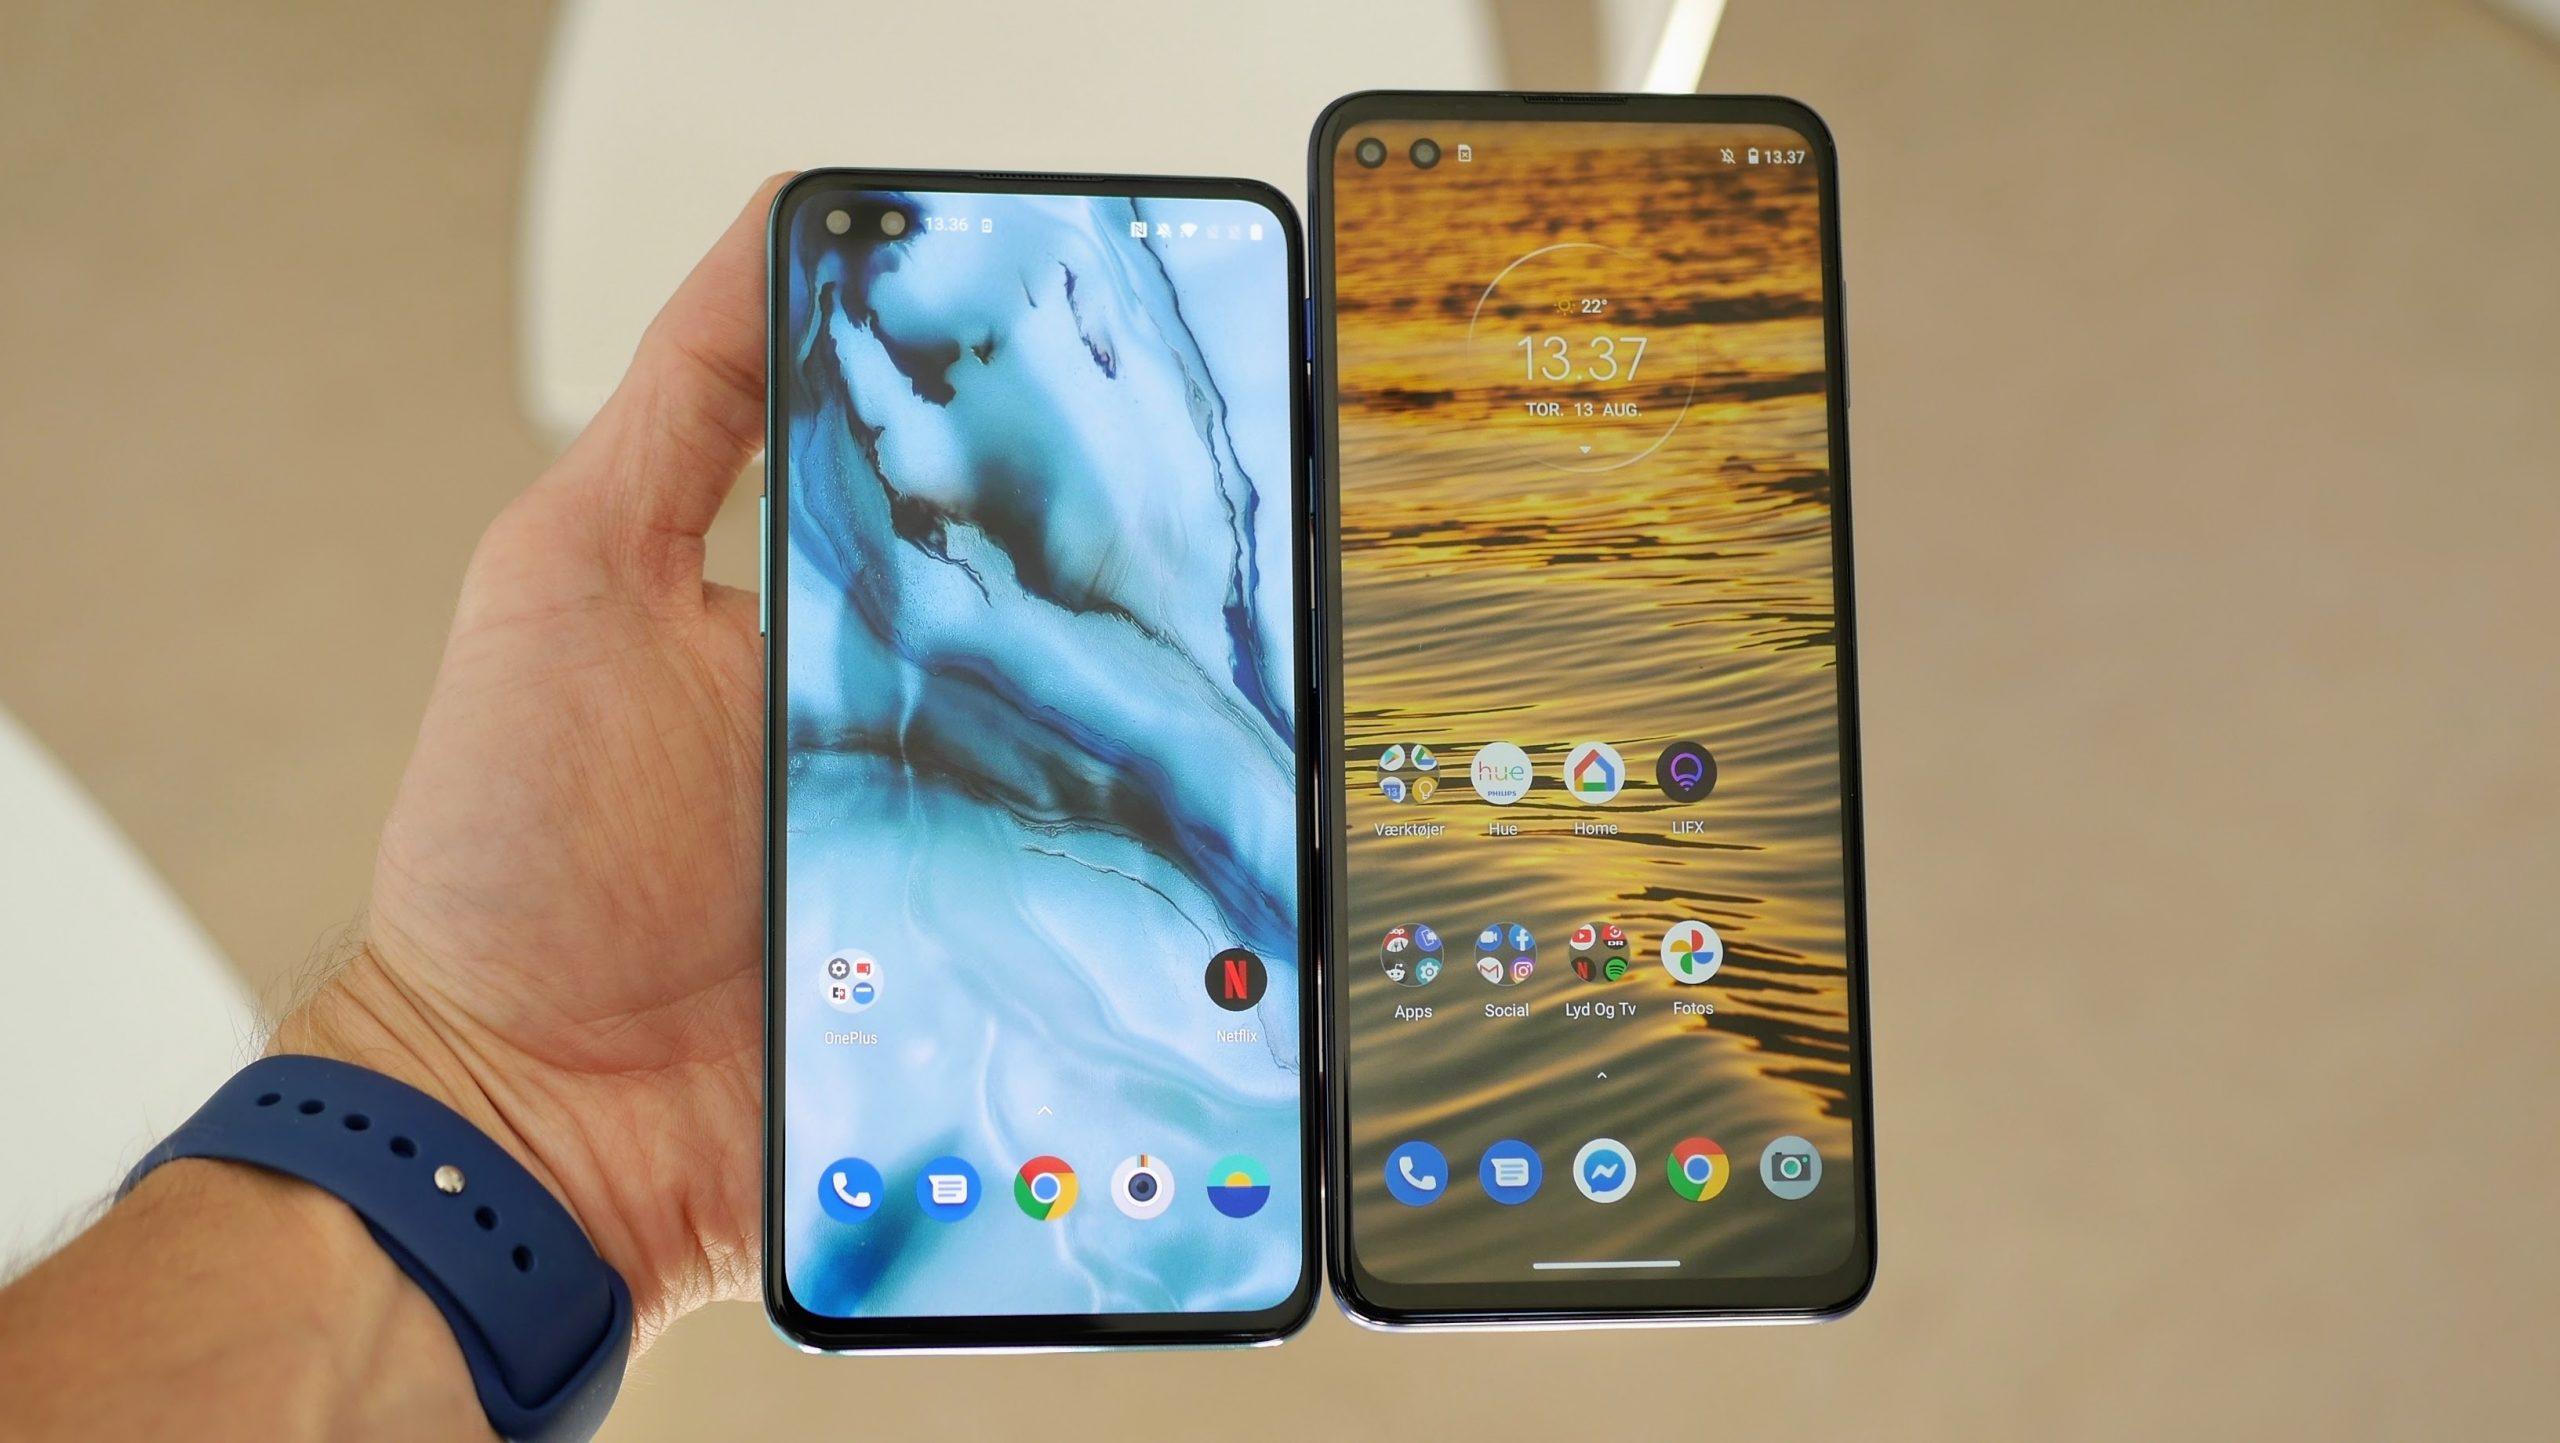 Motorola Moto G 5G Plus OnePlus Nord